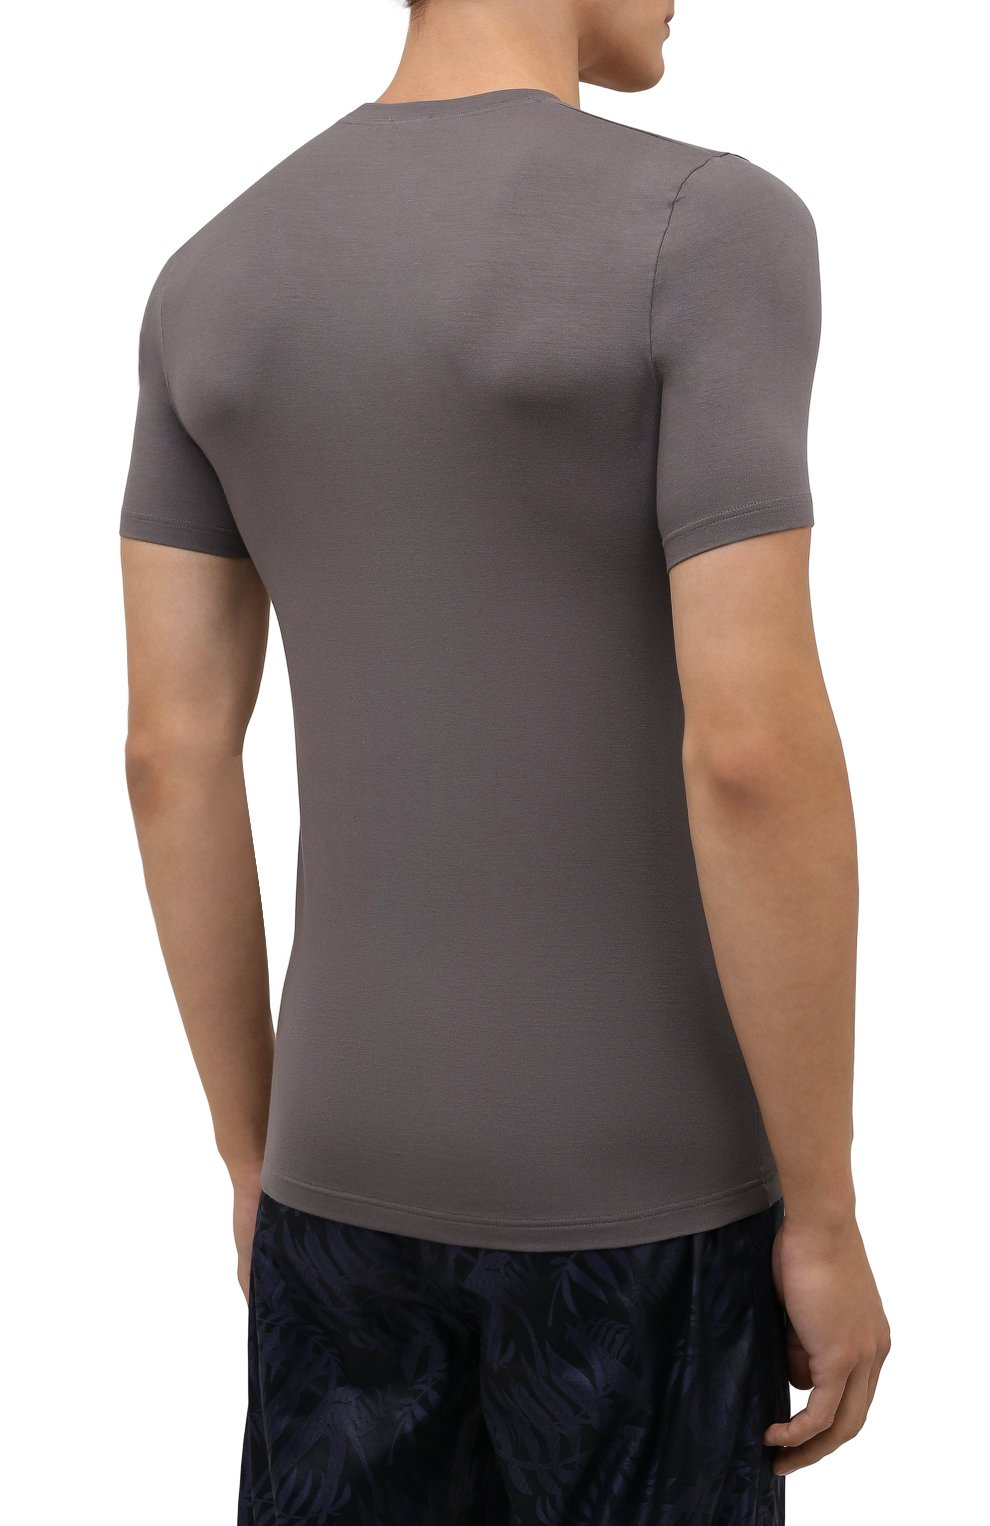 Мужская футболка ZIMMERLI светло-серого цвета, арт. 700-1341   Фото 4 (Кросс-КТ: домашняя одежда; Рукава: Короткие; Материал внешний: Синтетический материал; Длина (для топов): Стандартные)